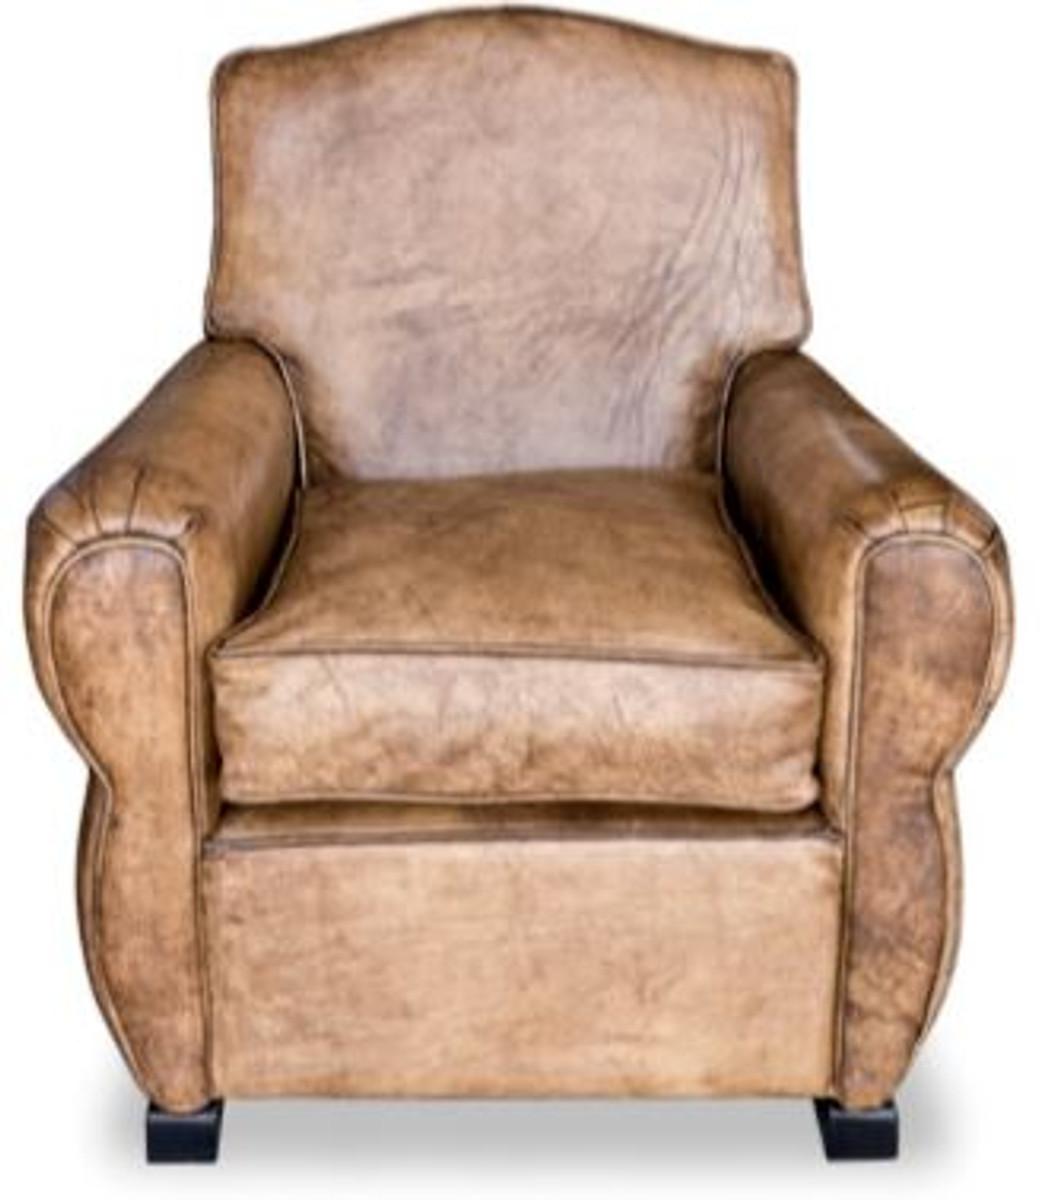 casa padrino echtleder sessel buffalo leder antik braun clubsessel lounge sessel vintage. Black Bedroom Furniture Sets. Home Design Ideas